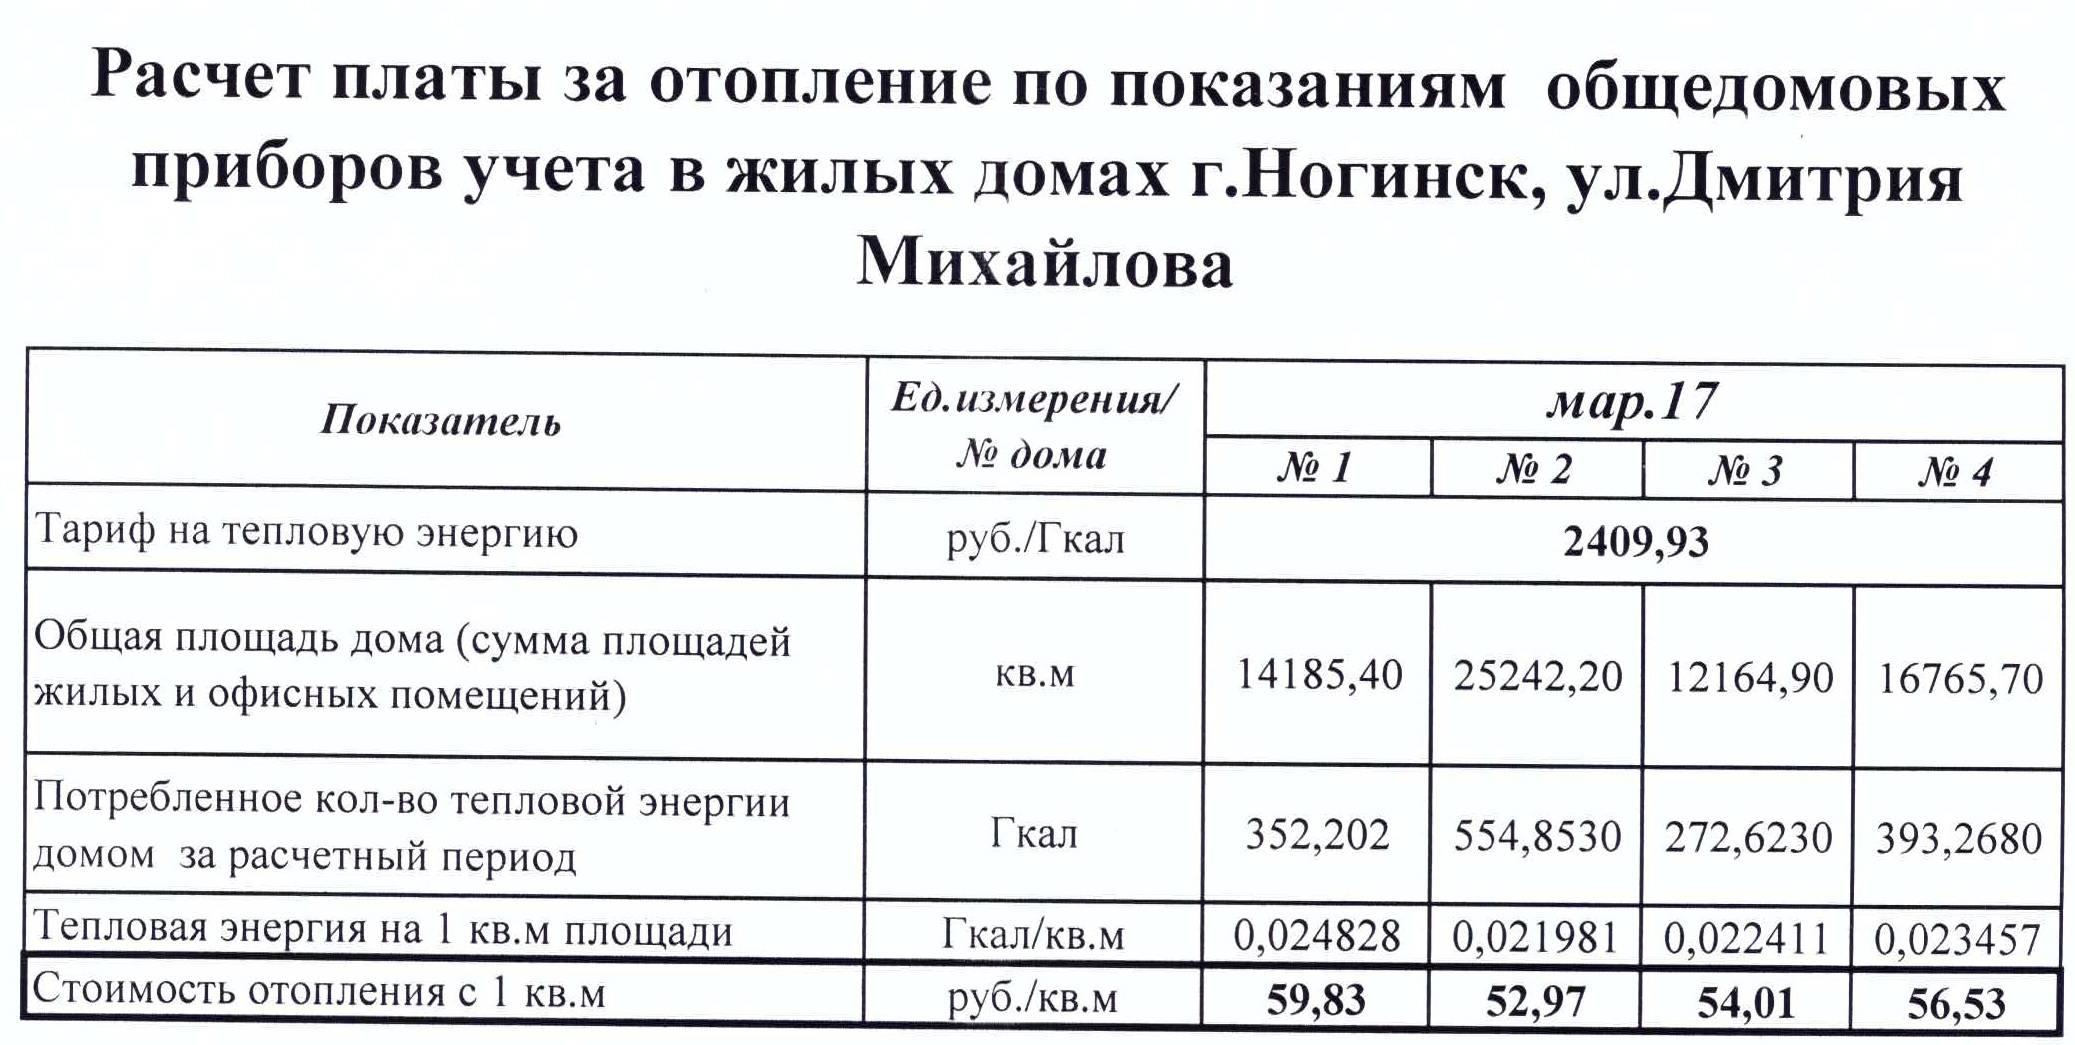 Порядок начисления и оплаты коммунальных услуг